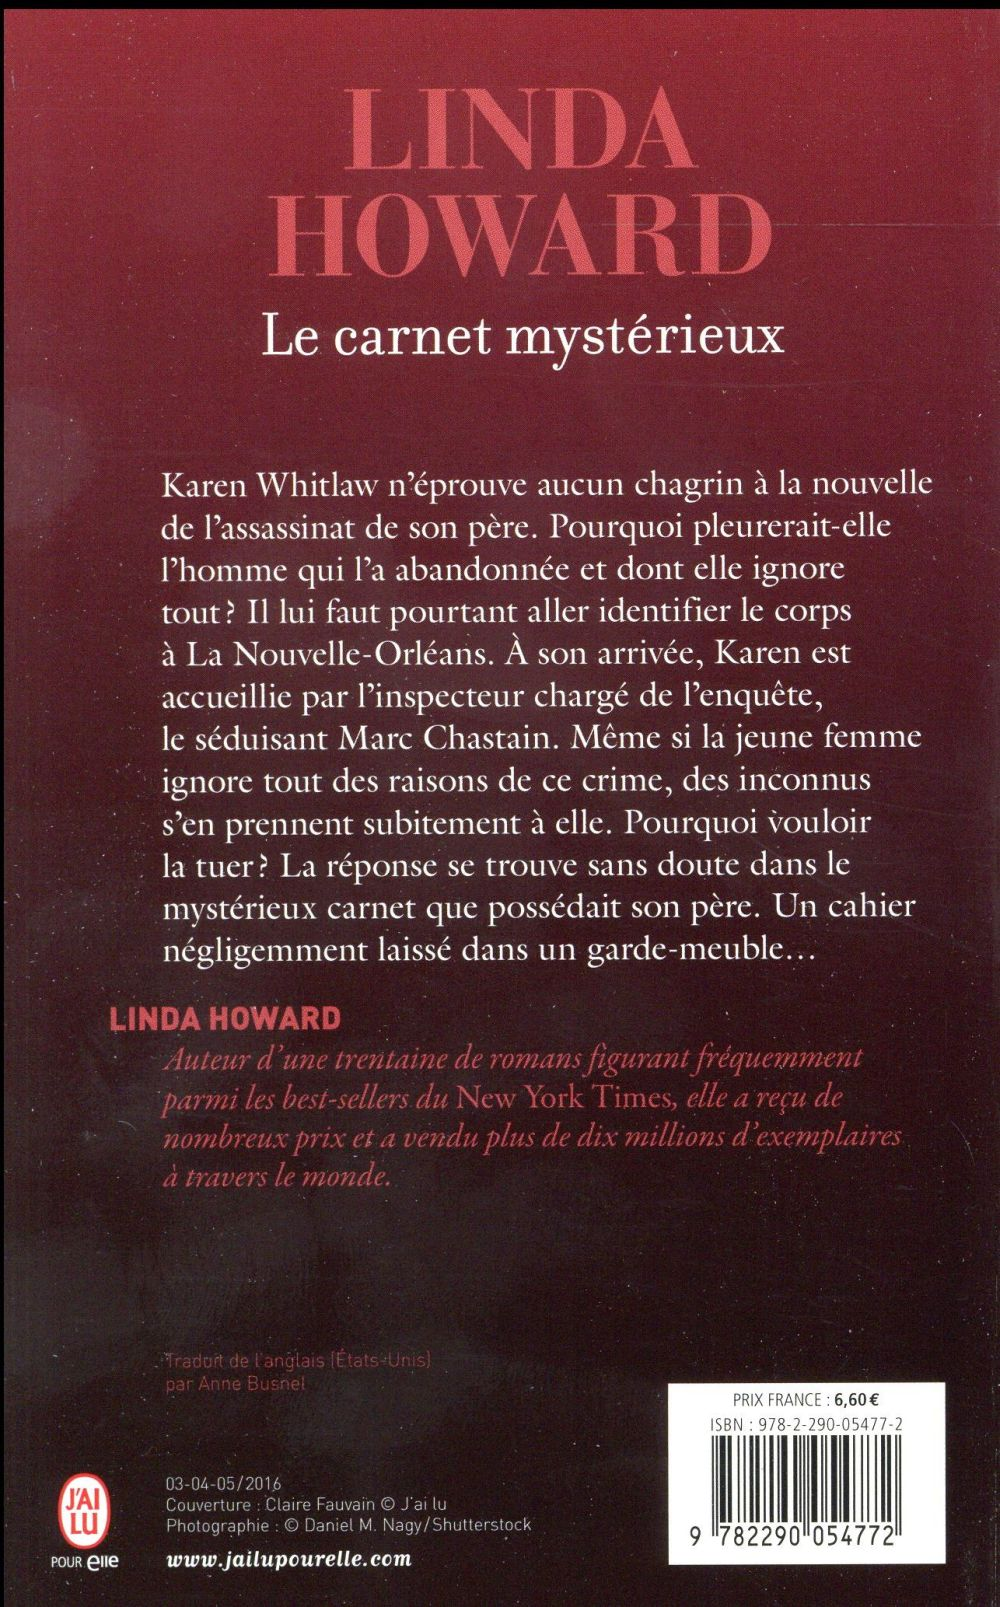 Le carnet mystérieux